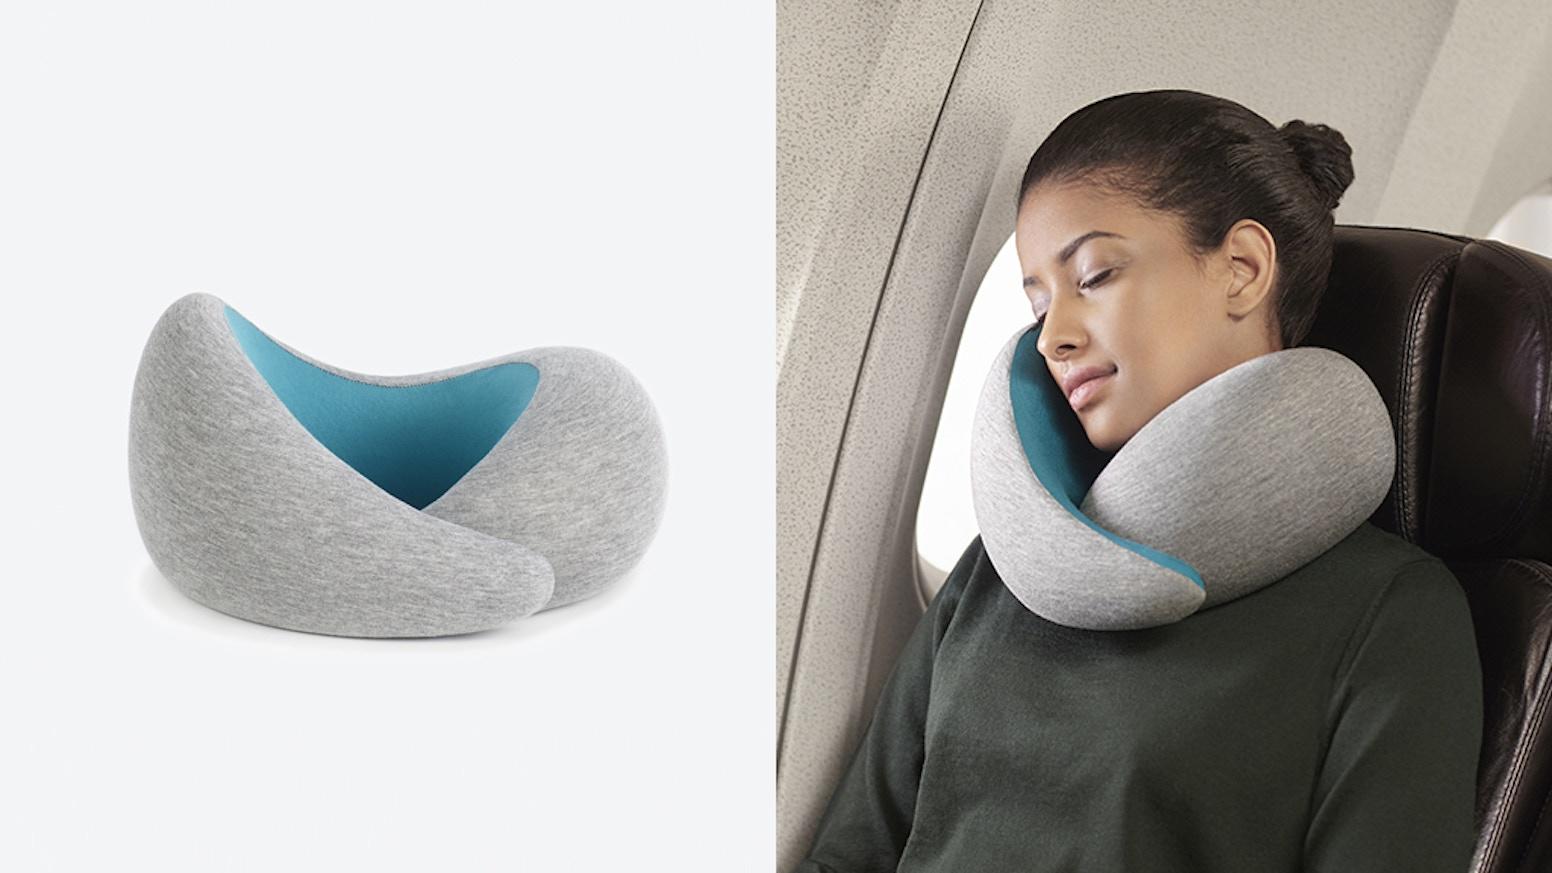 Ostrich Pillow Go Maximum Comfort Sleep For All Necks